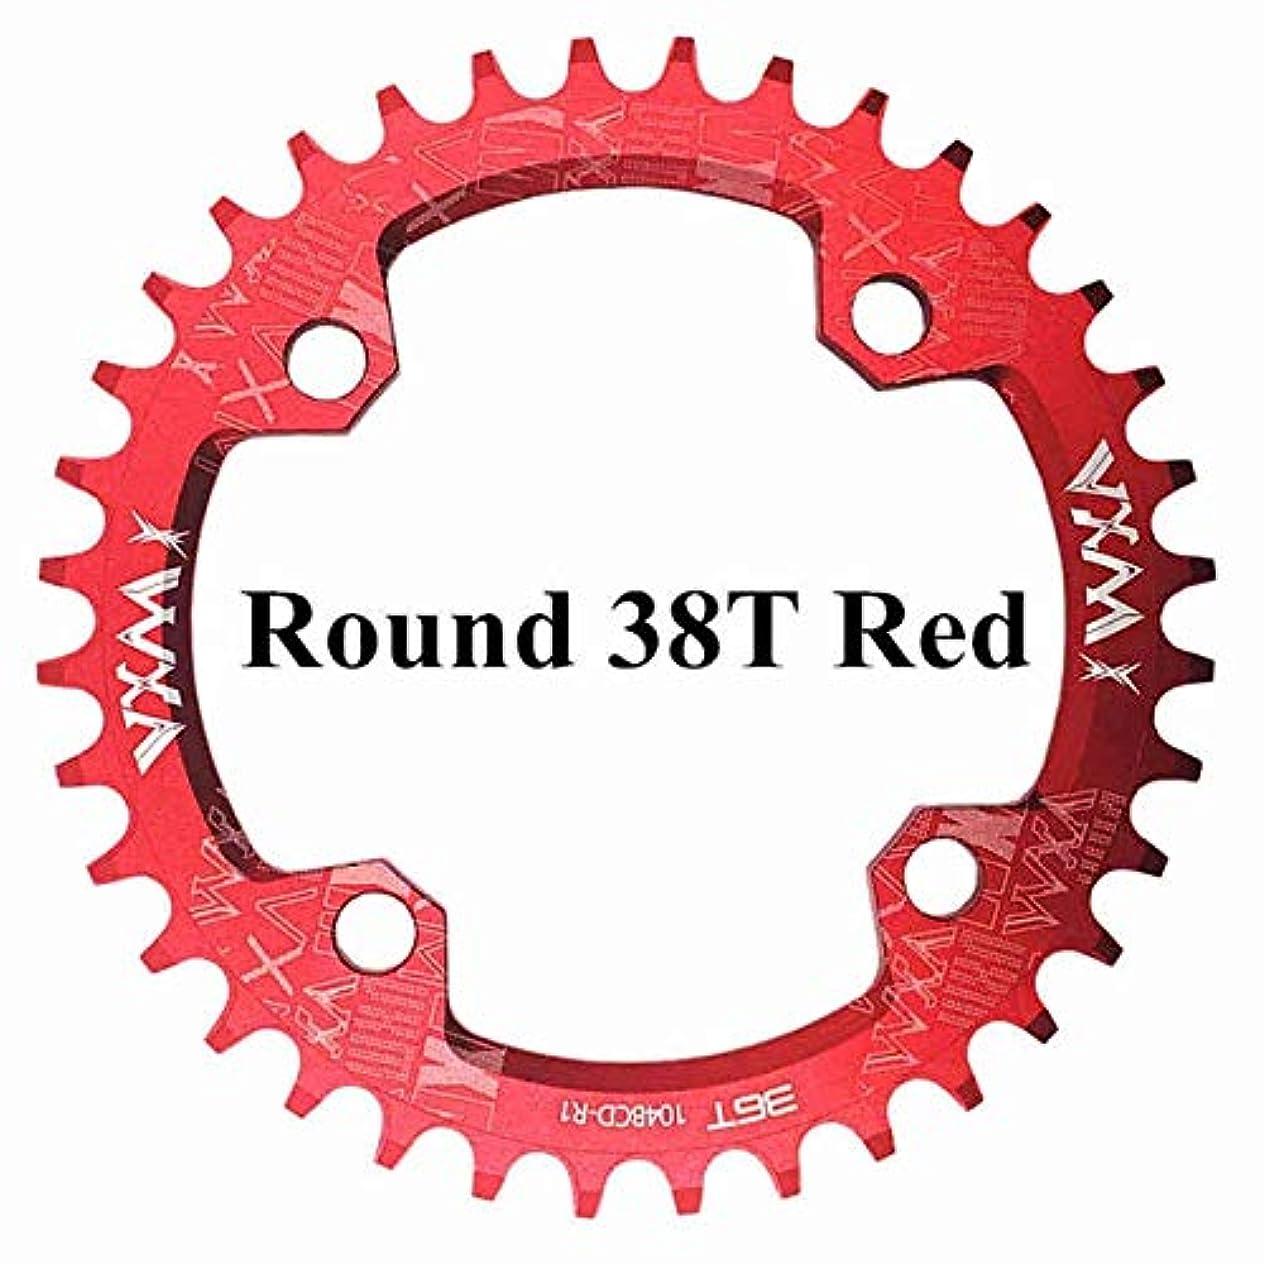 貧しいサルベージ相互Propenary - 自転車104BCDクランクオーバルラウンド30T 32T 34T 36T 38T 40T 42T 44T 46T 48T 50T 52TチェーンホイールXT狭い広い自転車チェーンリング[ラウンド38Tレッド]